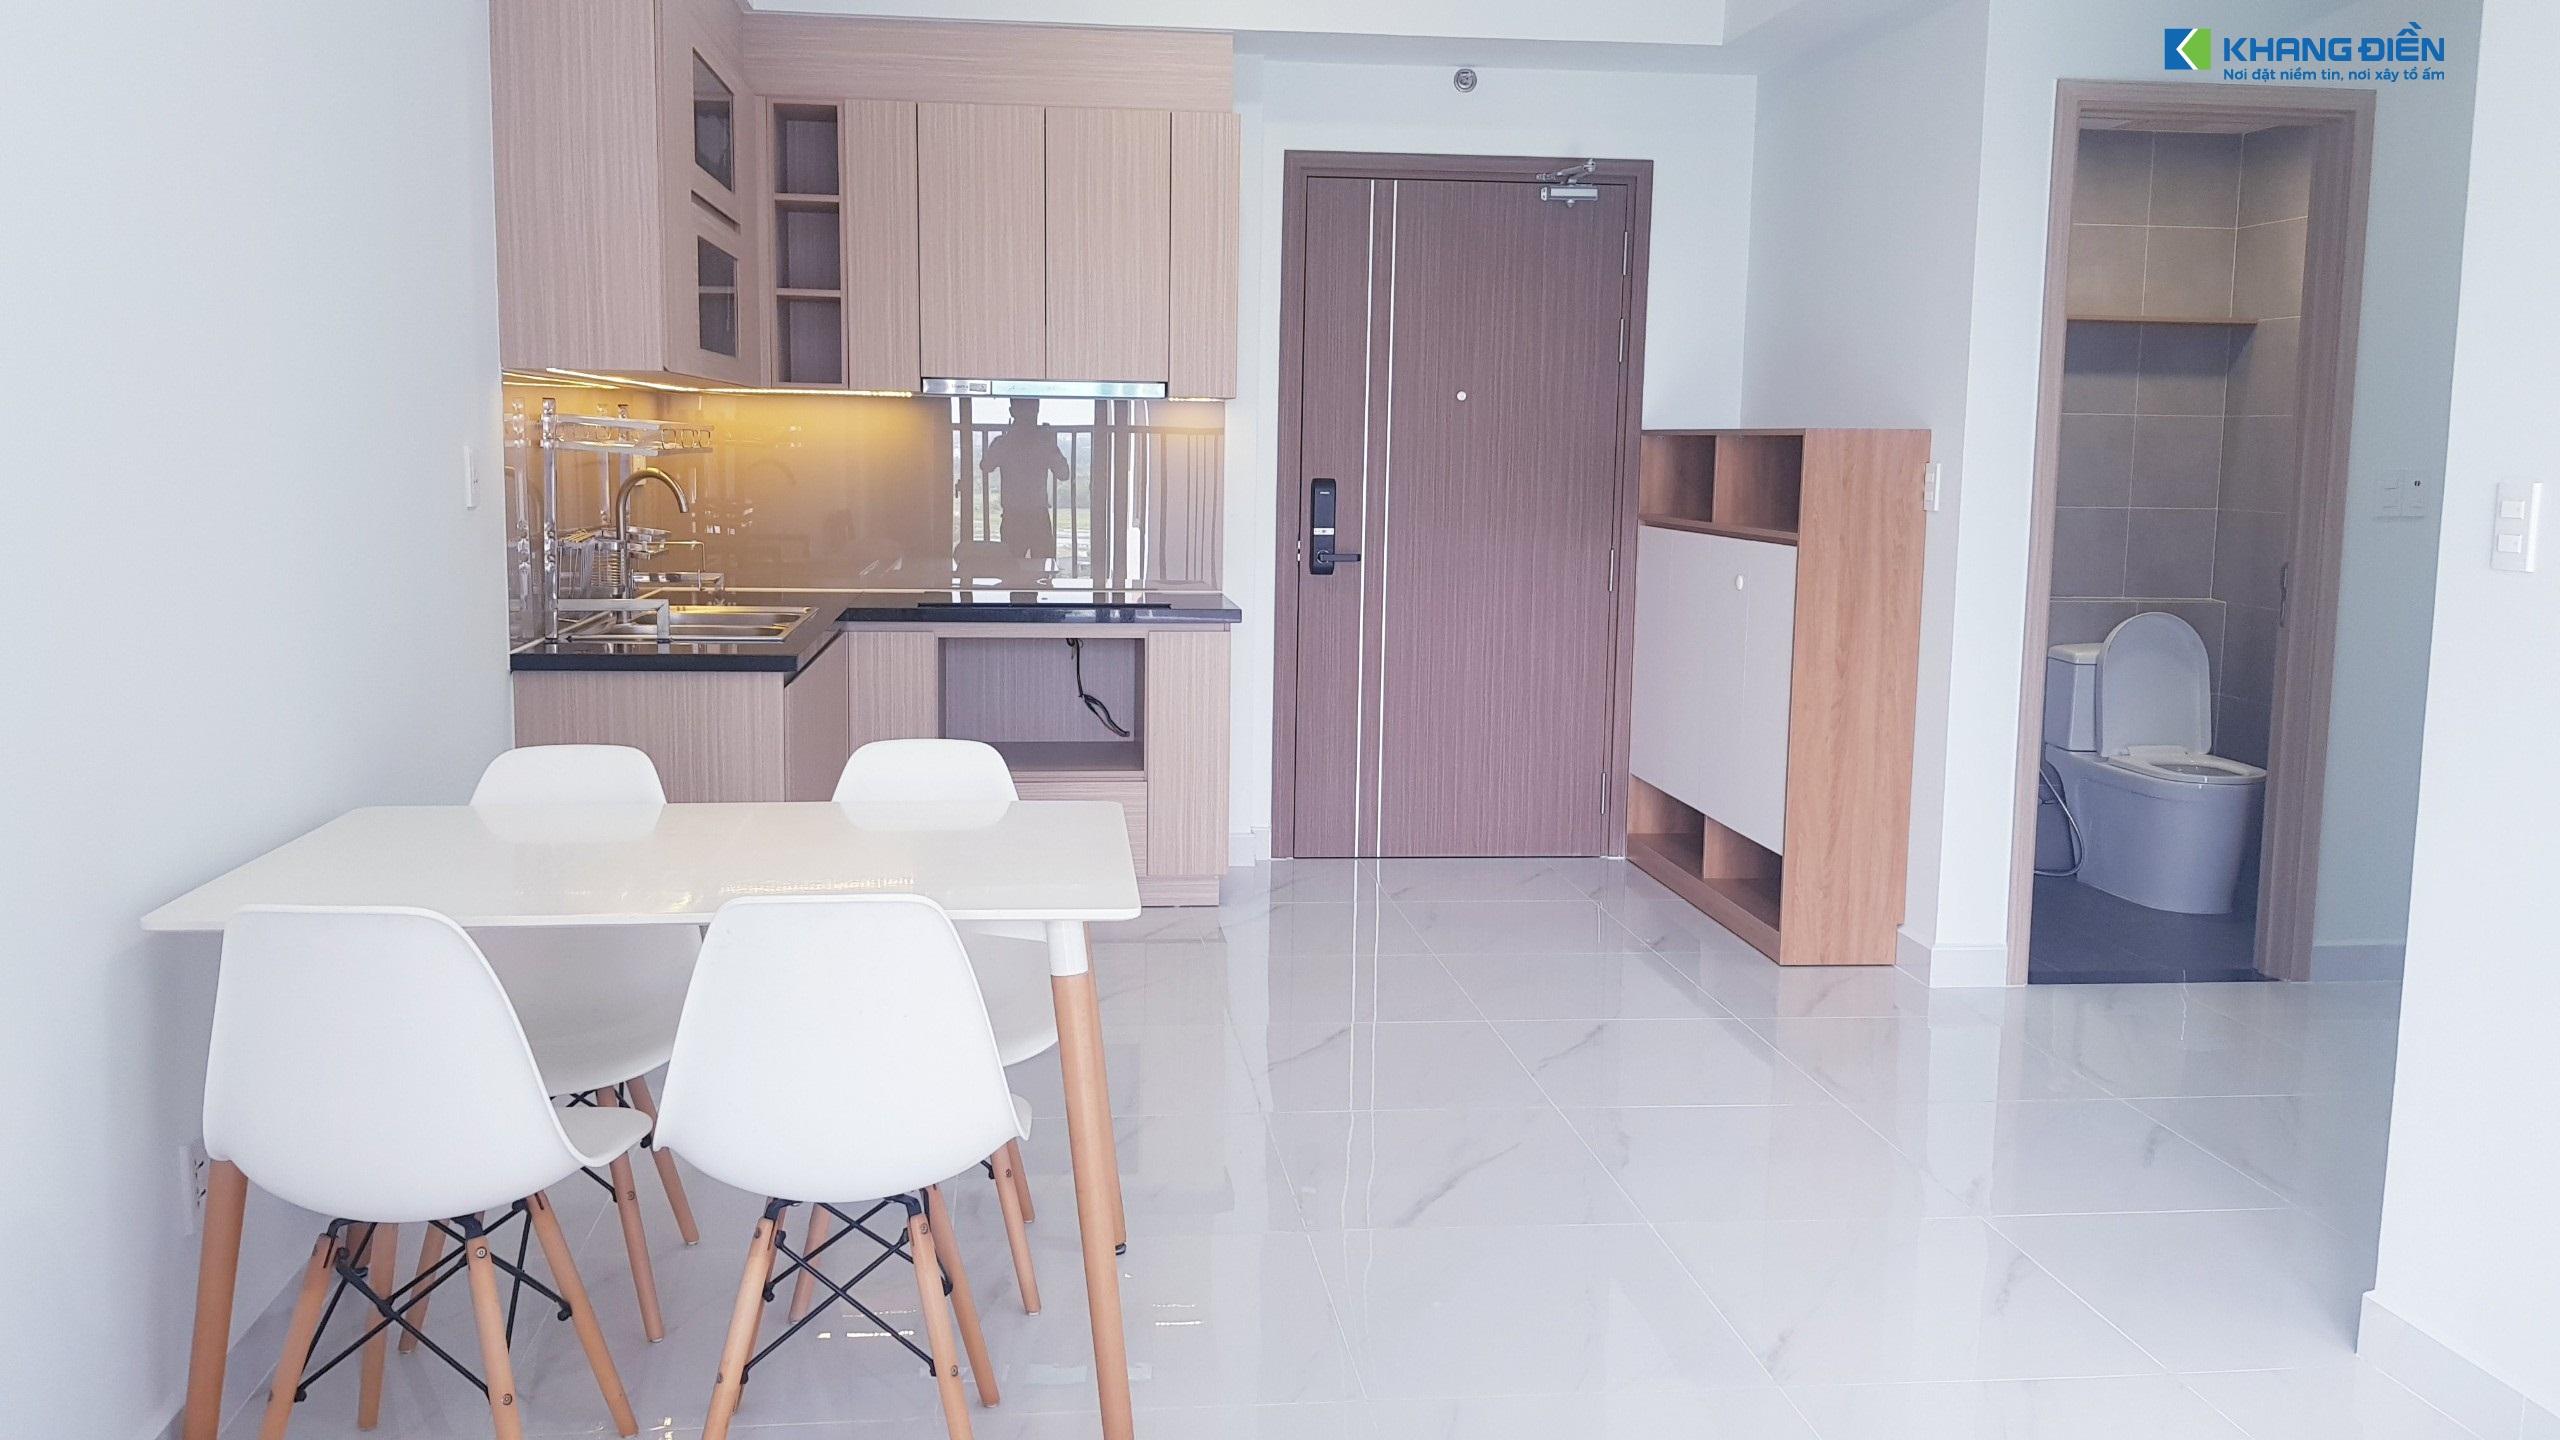 Nội thất bố trí đơn giản tại căn 52m2 thiết kế 1+ 1PN/1WC tại Lovera Vista - Khang Điền HCM